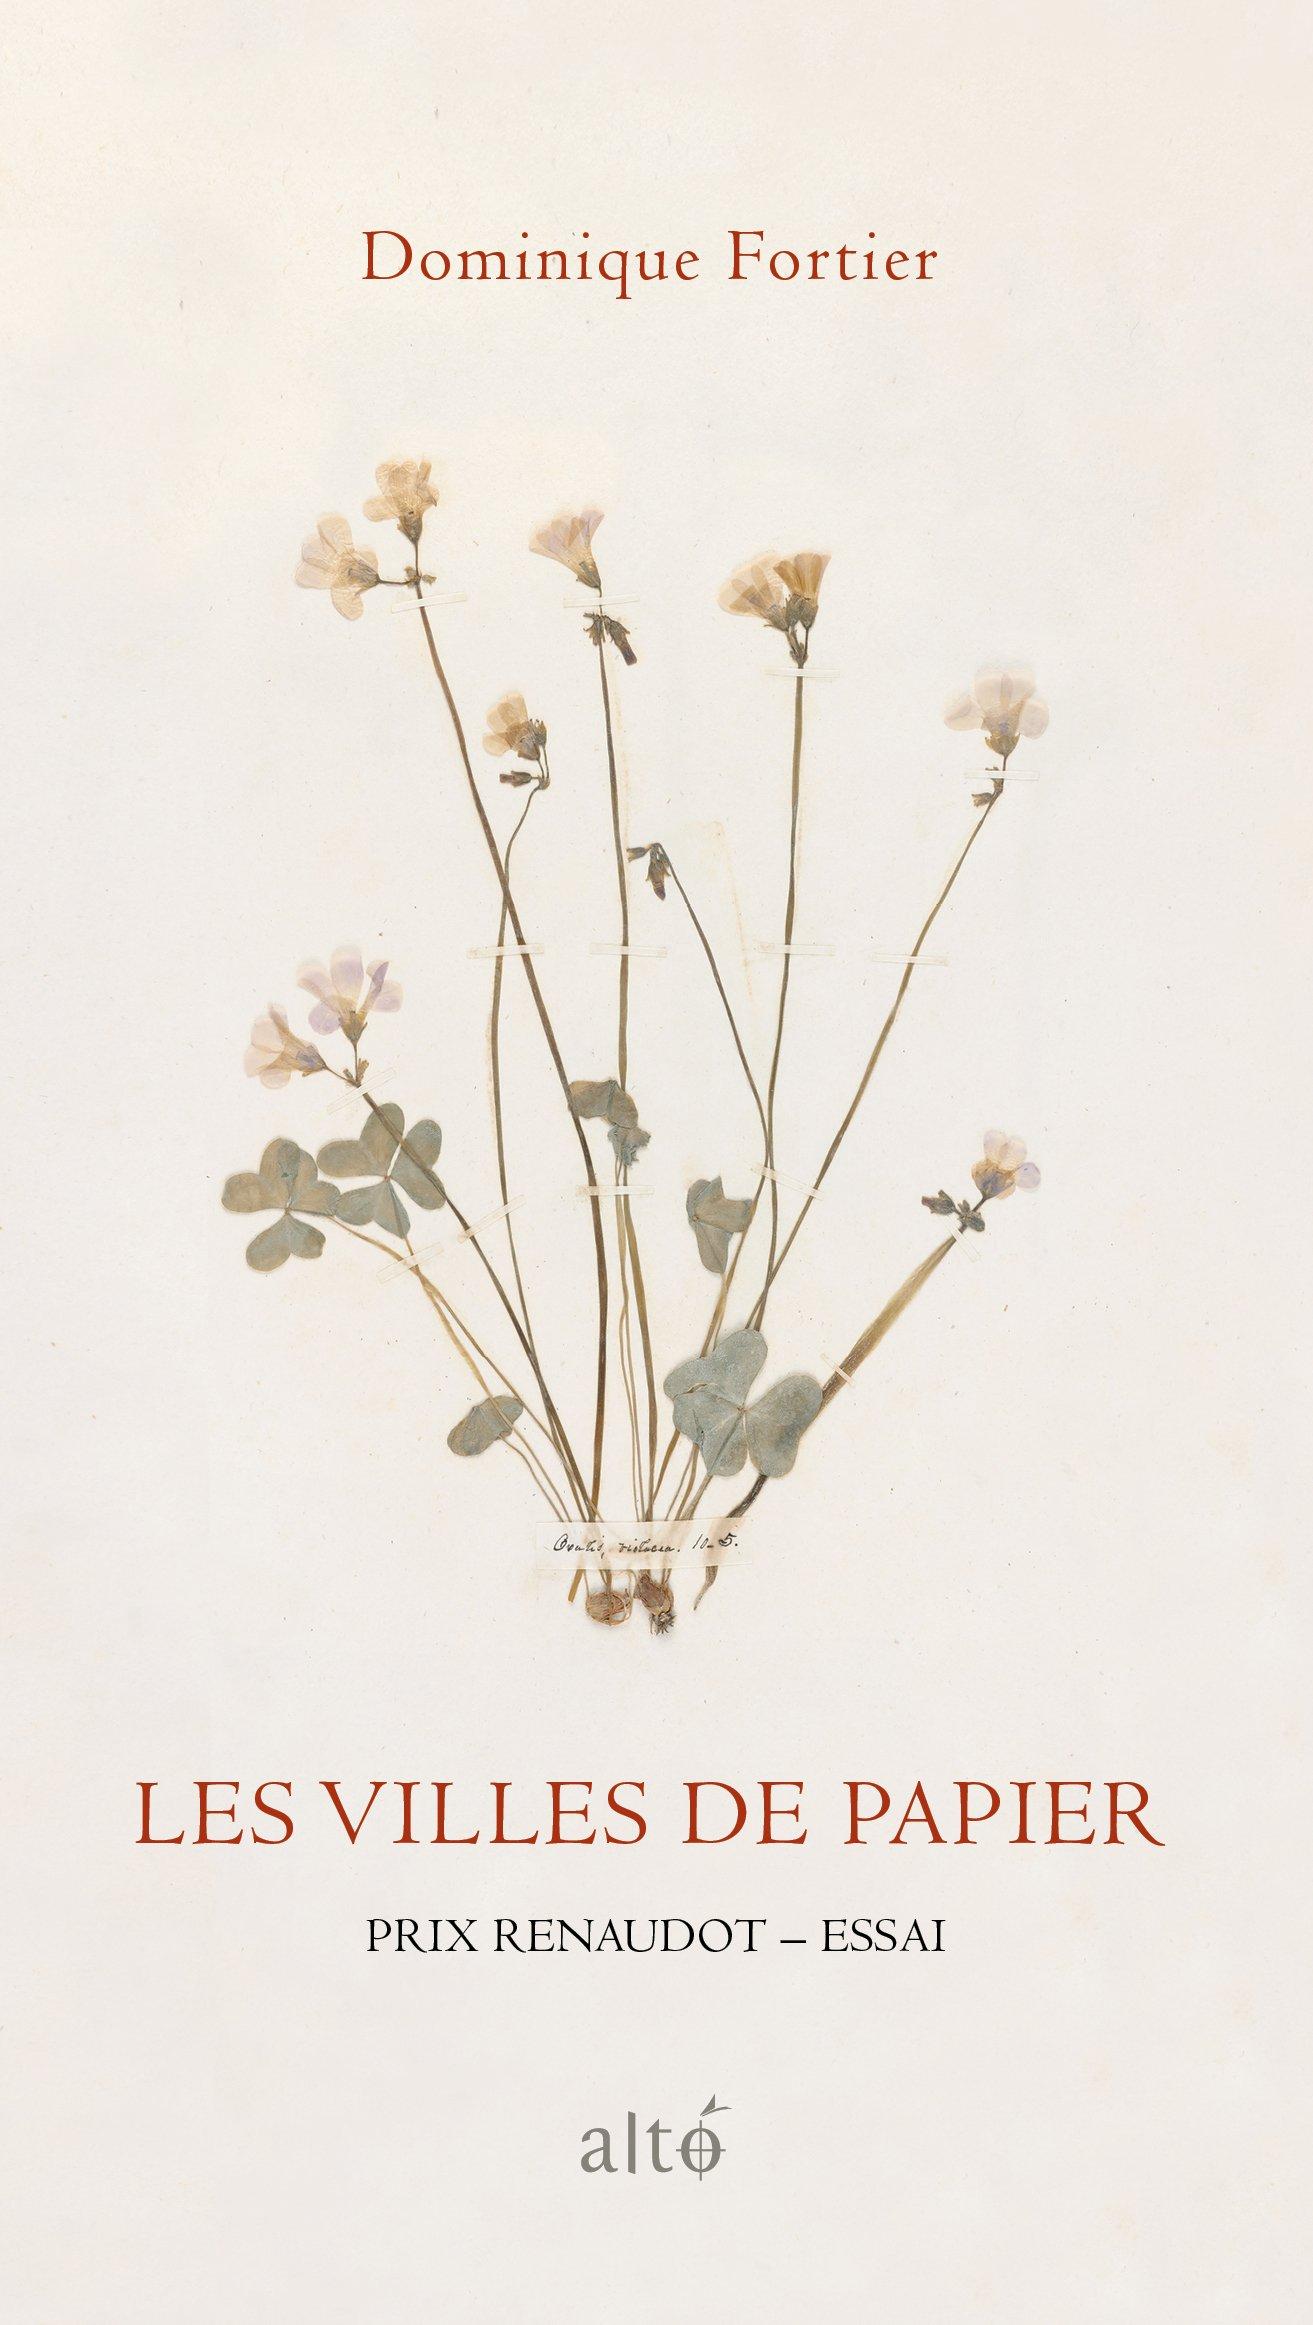 Les villes de papier - Dominique Fortier